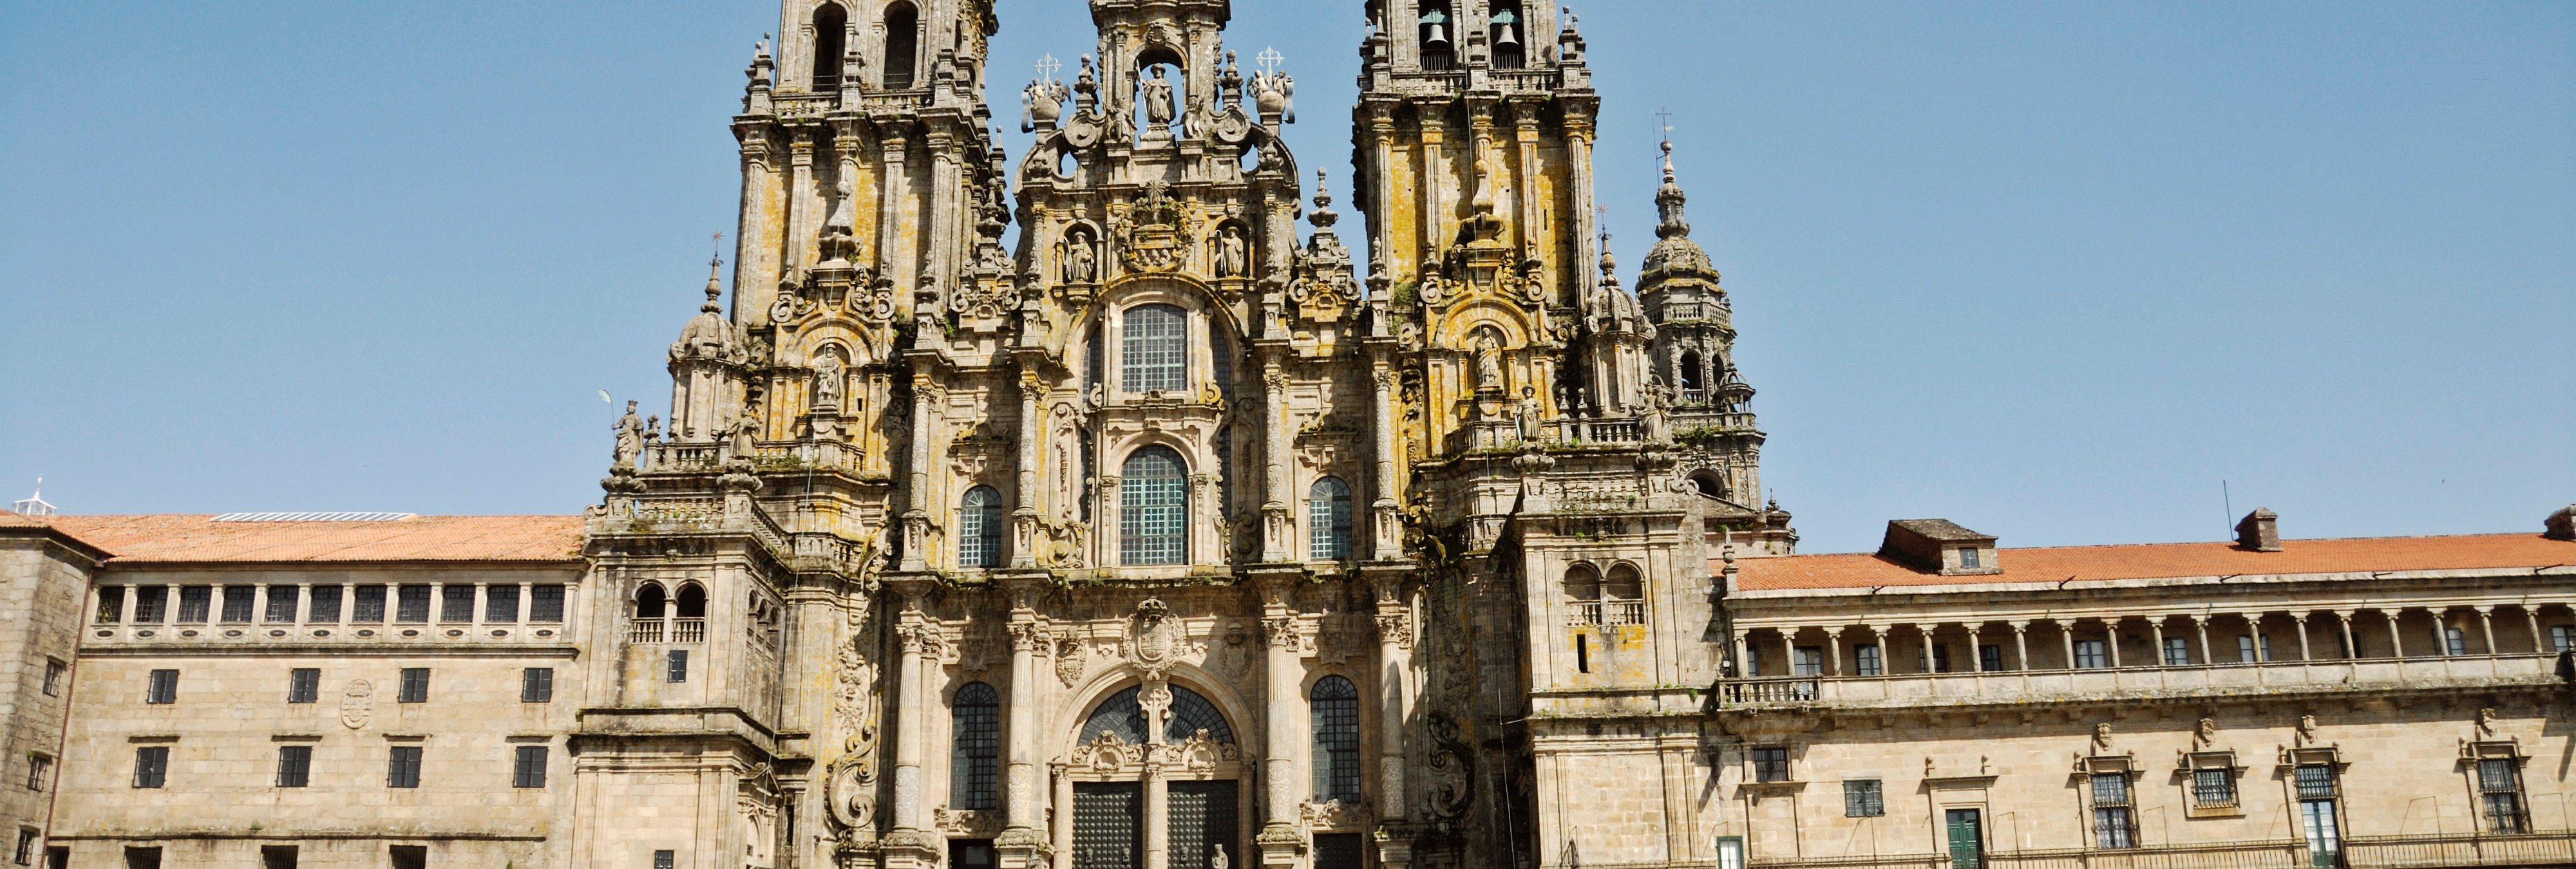 Realizan una pintada en la fachada de la Catedral de Santiago de Compostela